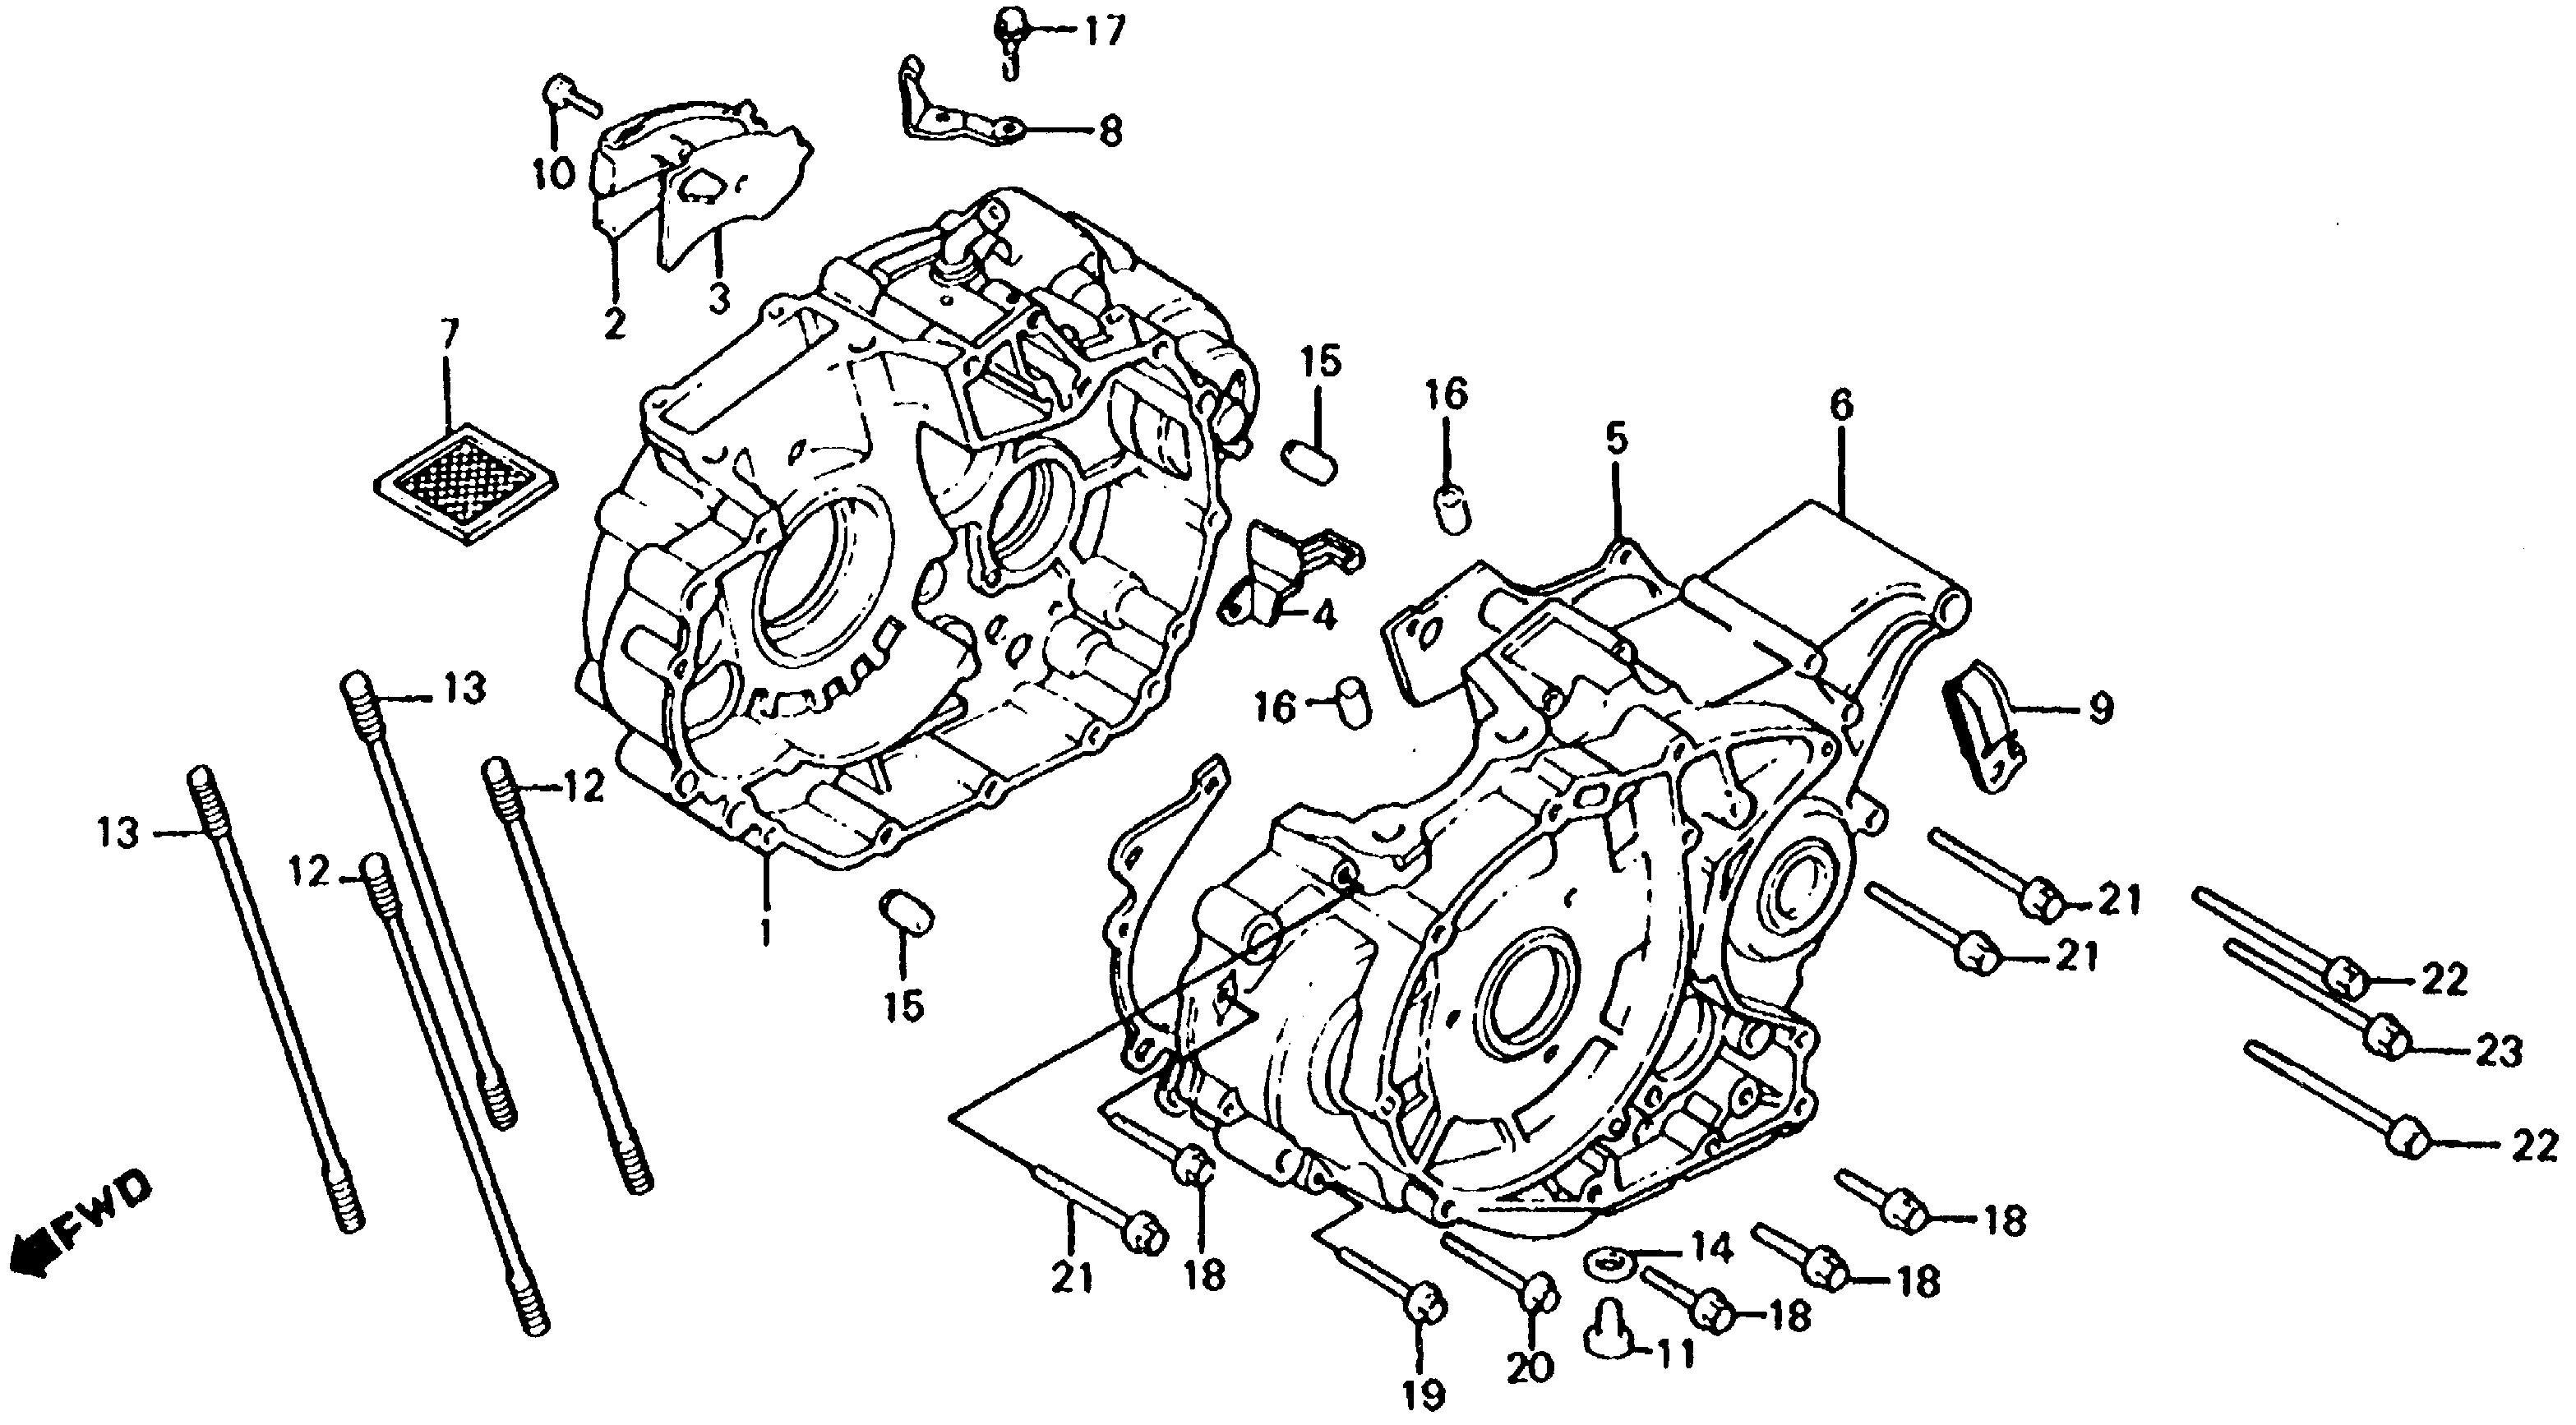 diagram of honda atv parts 1992 trx250x an crankcase diagram